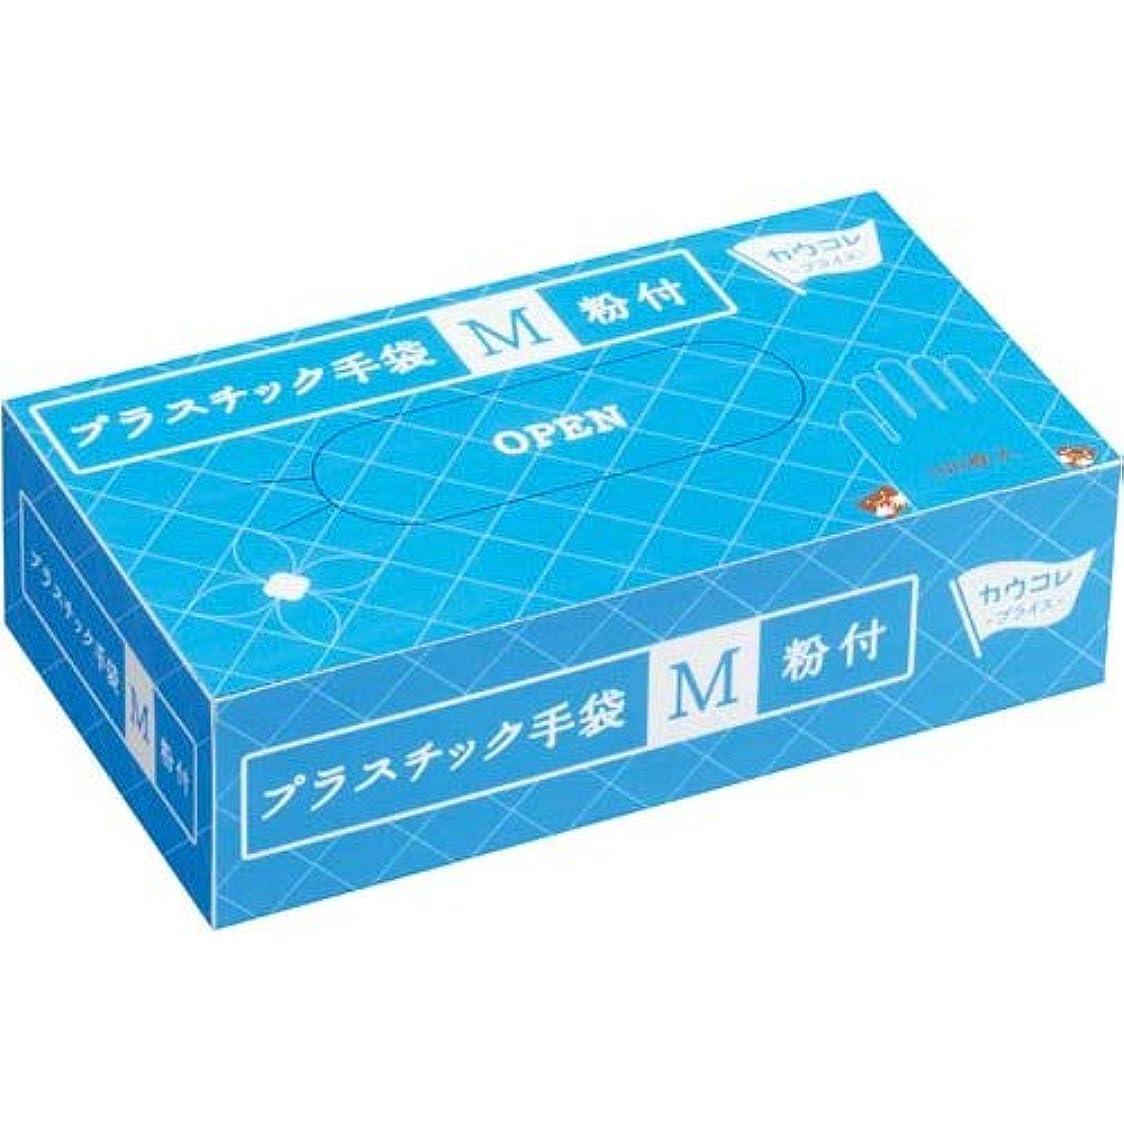 通常構造市場カウネット プラスチック手袋 粉付M 100枚入×10